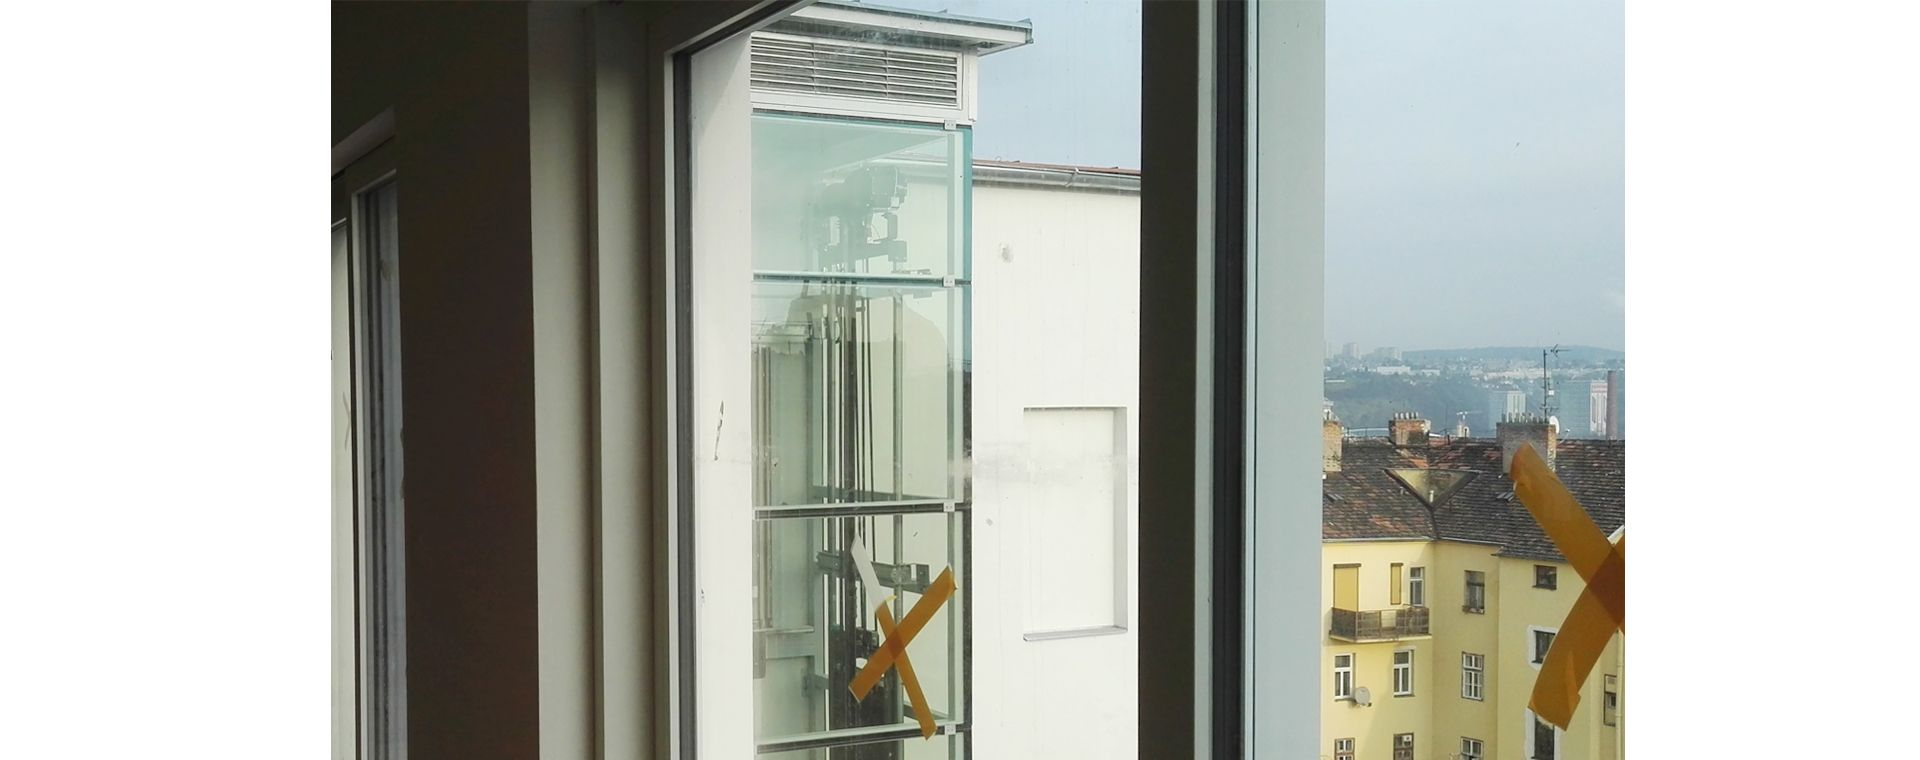 Realizace výtahu pro bytový dům na Praze 7 v návaznosti na adaptaci podkroví